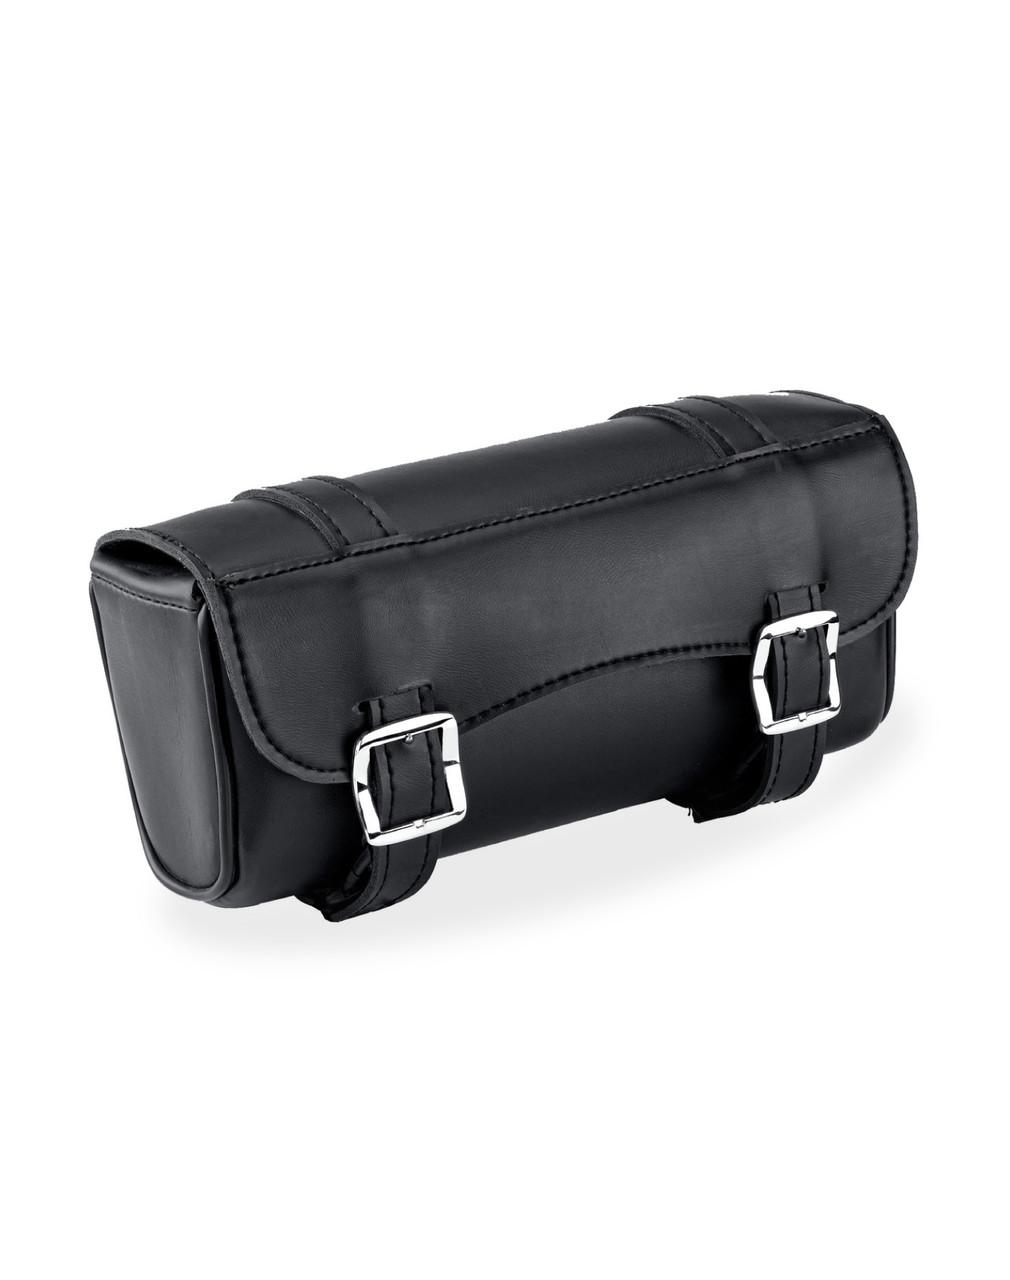 Victory Viking Universal Motorcycle Handle Bar Bag Main Bag View